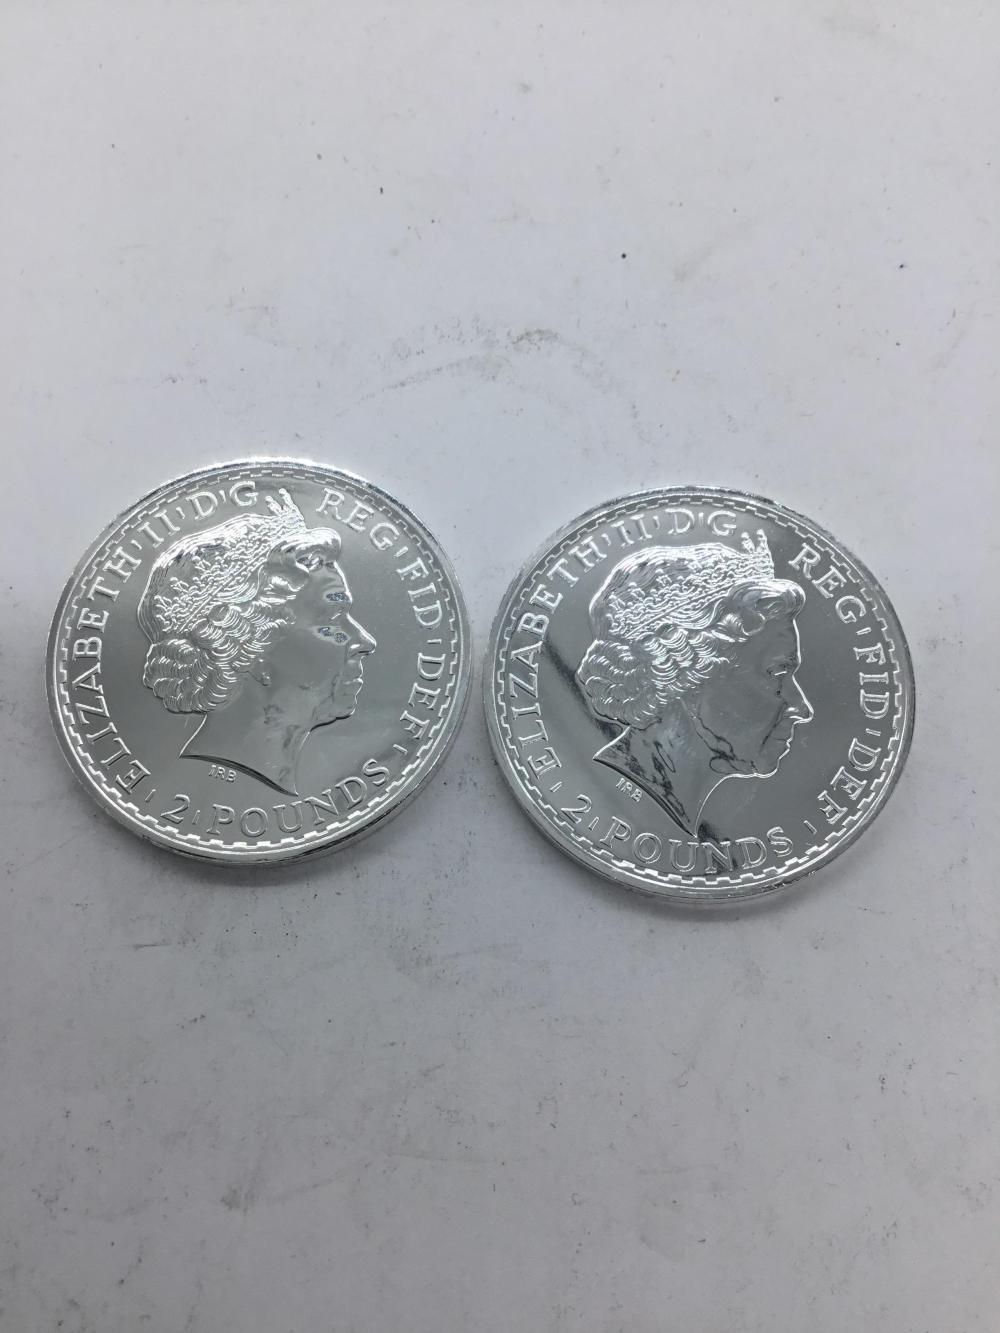 British 2 pound coin silver